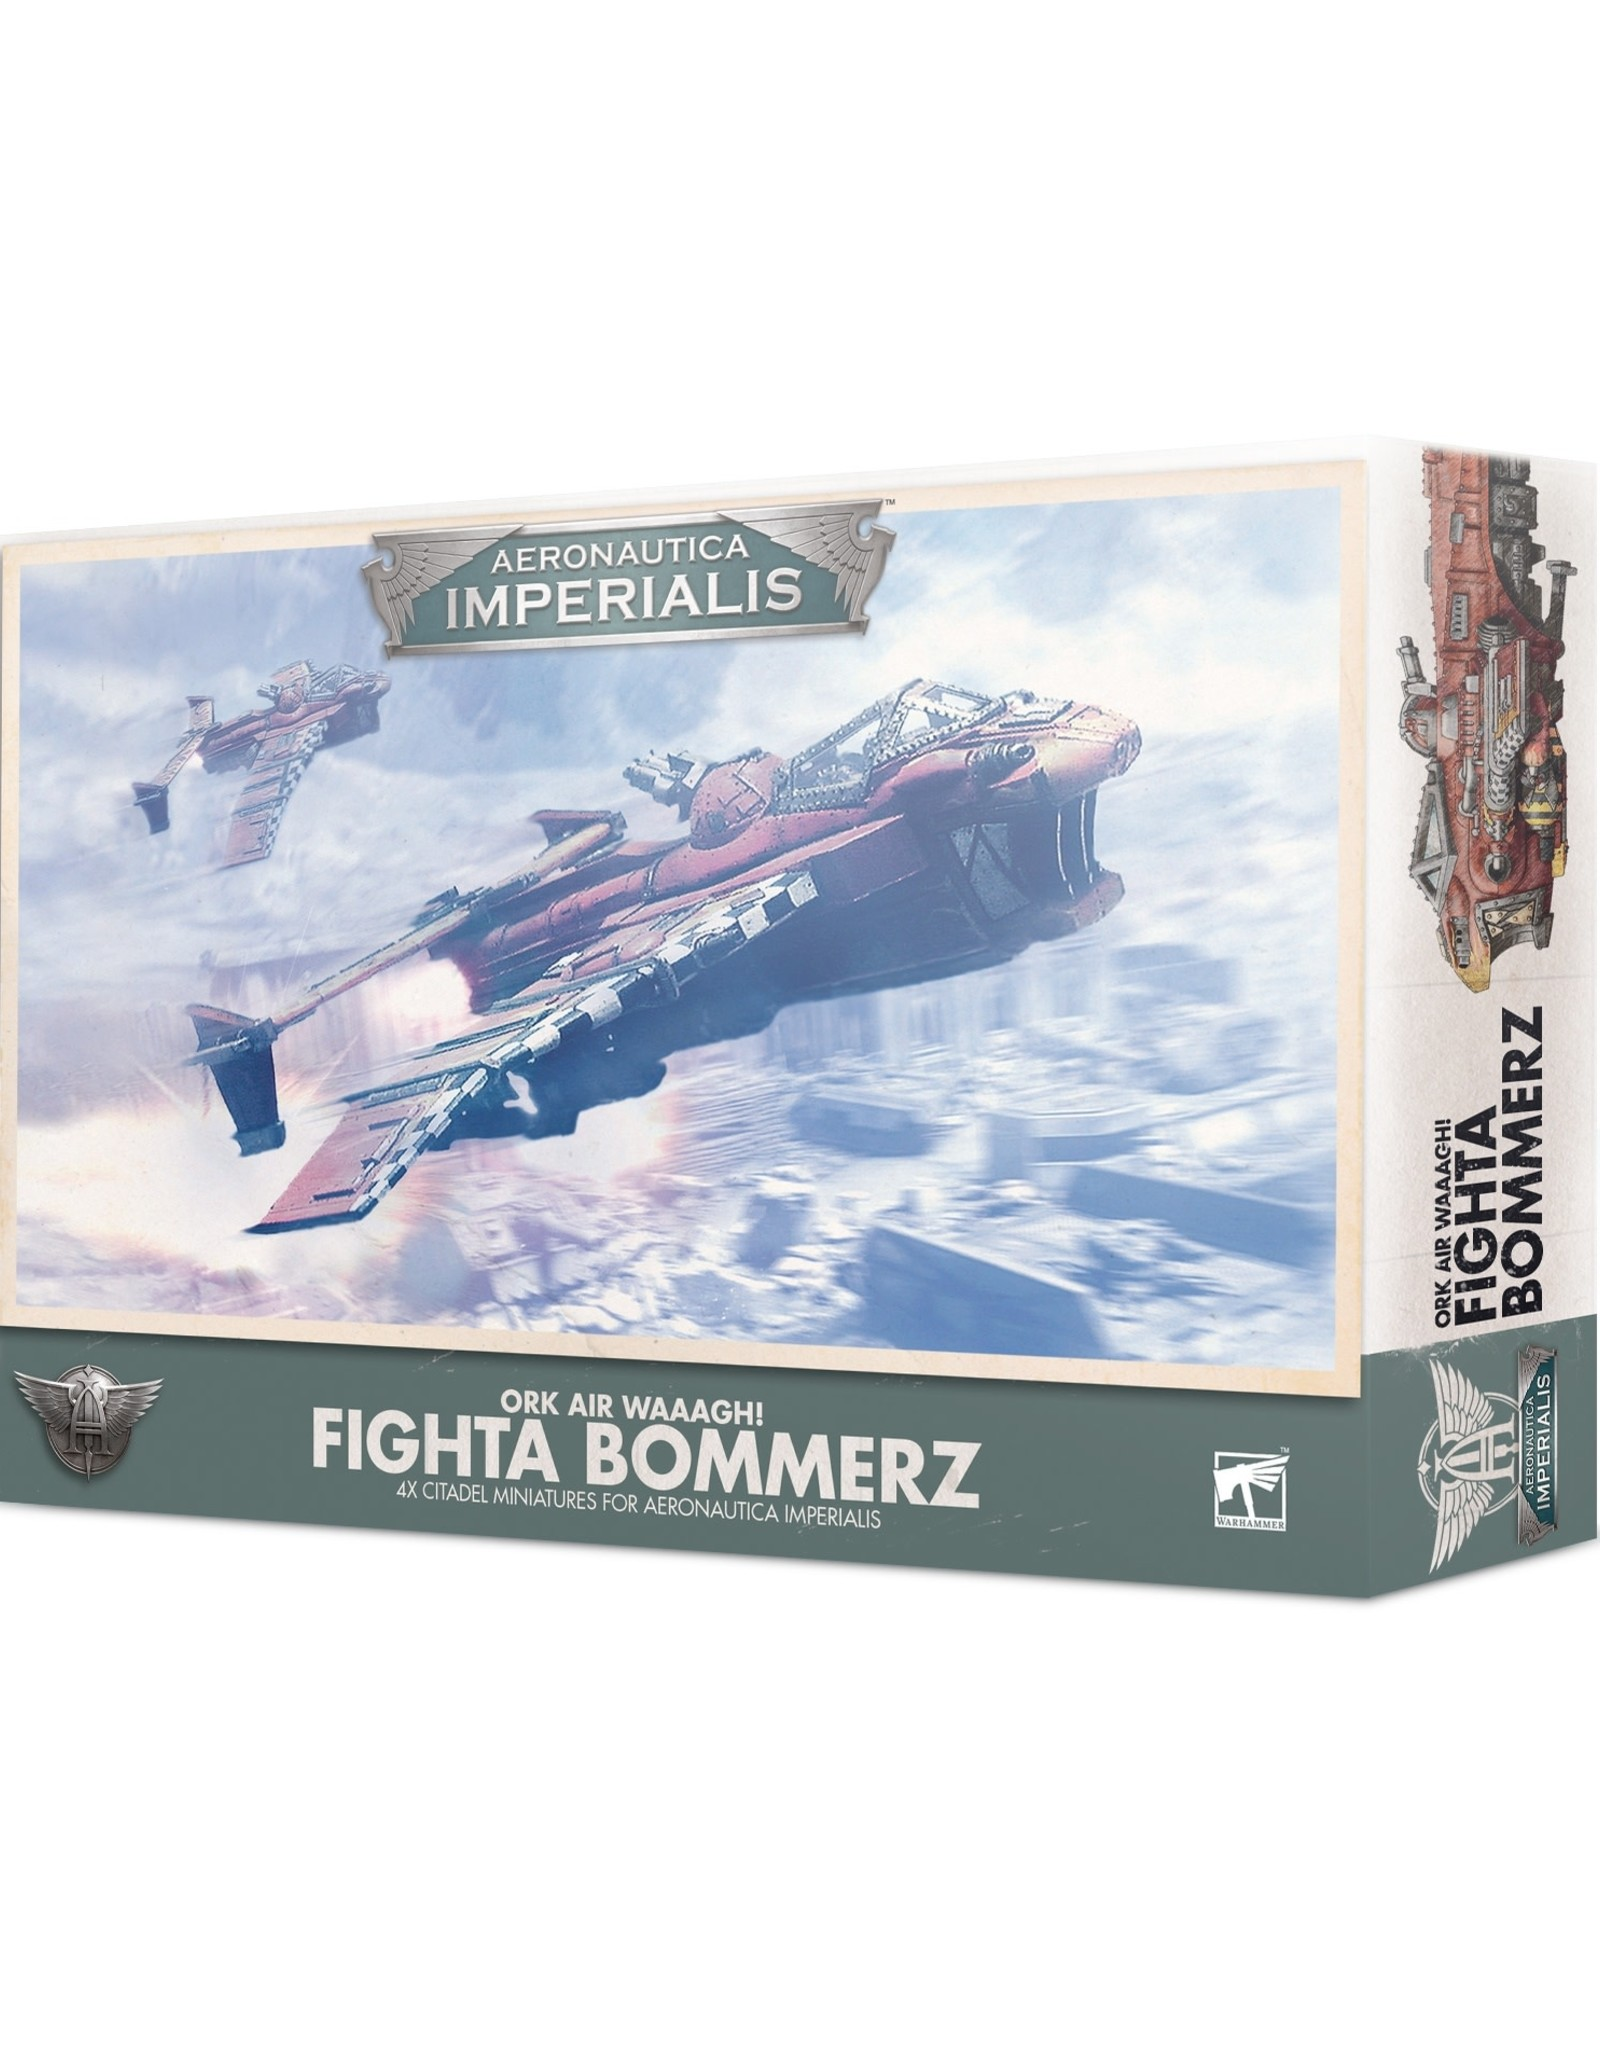 Aeronautica Imperialis Aeronautica Imperialis: Ork Air Waaagh! Fighta Bommerz